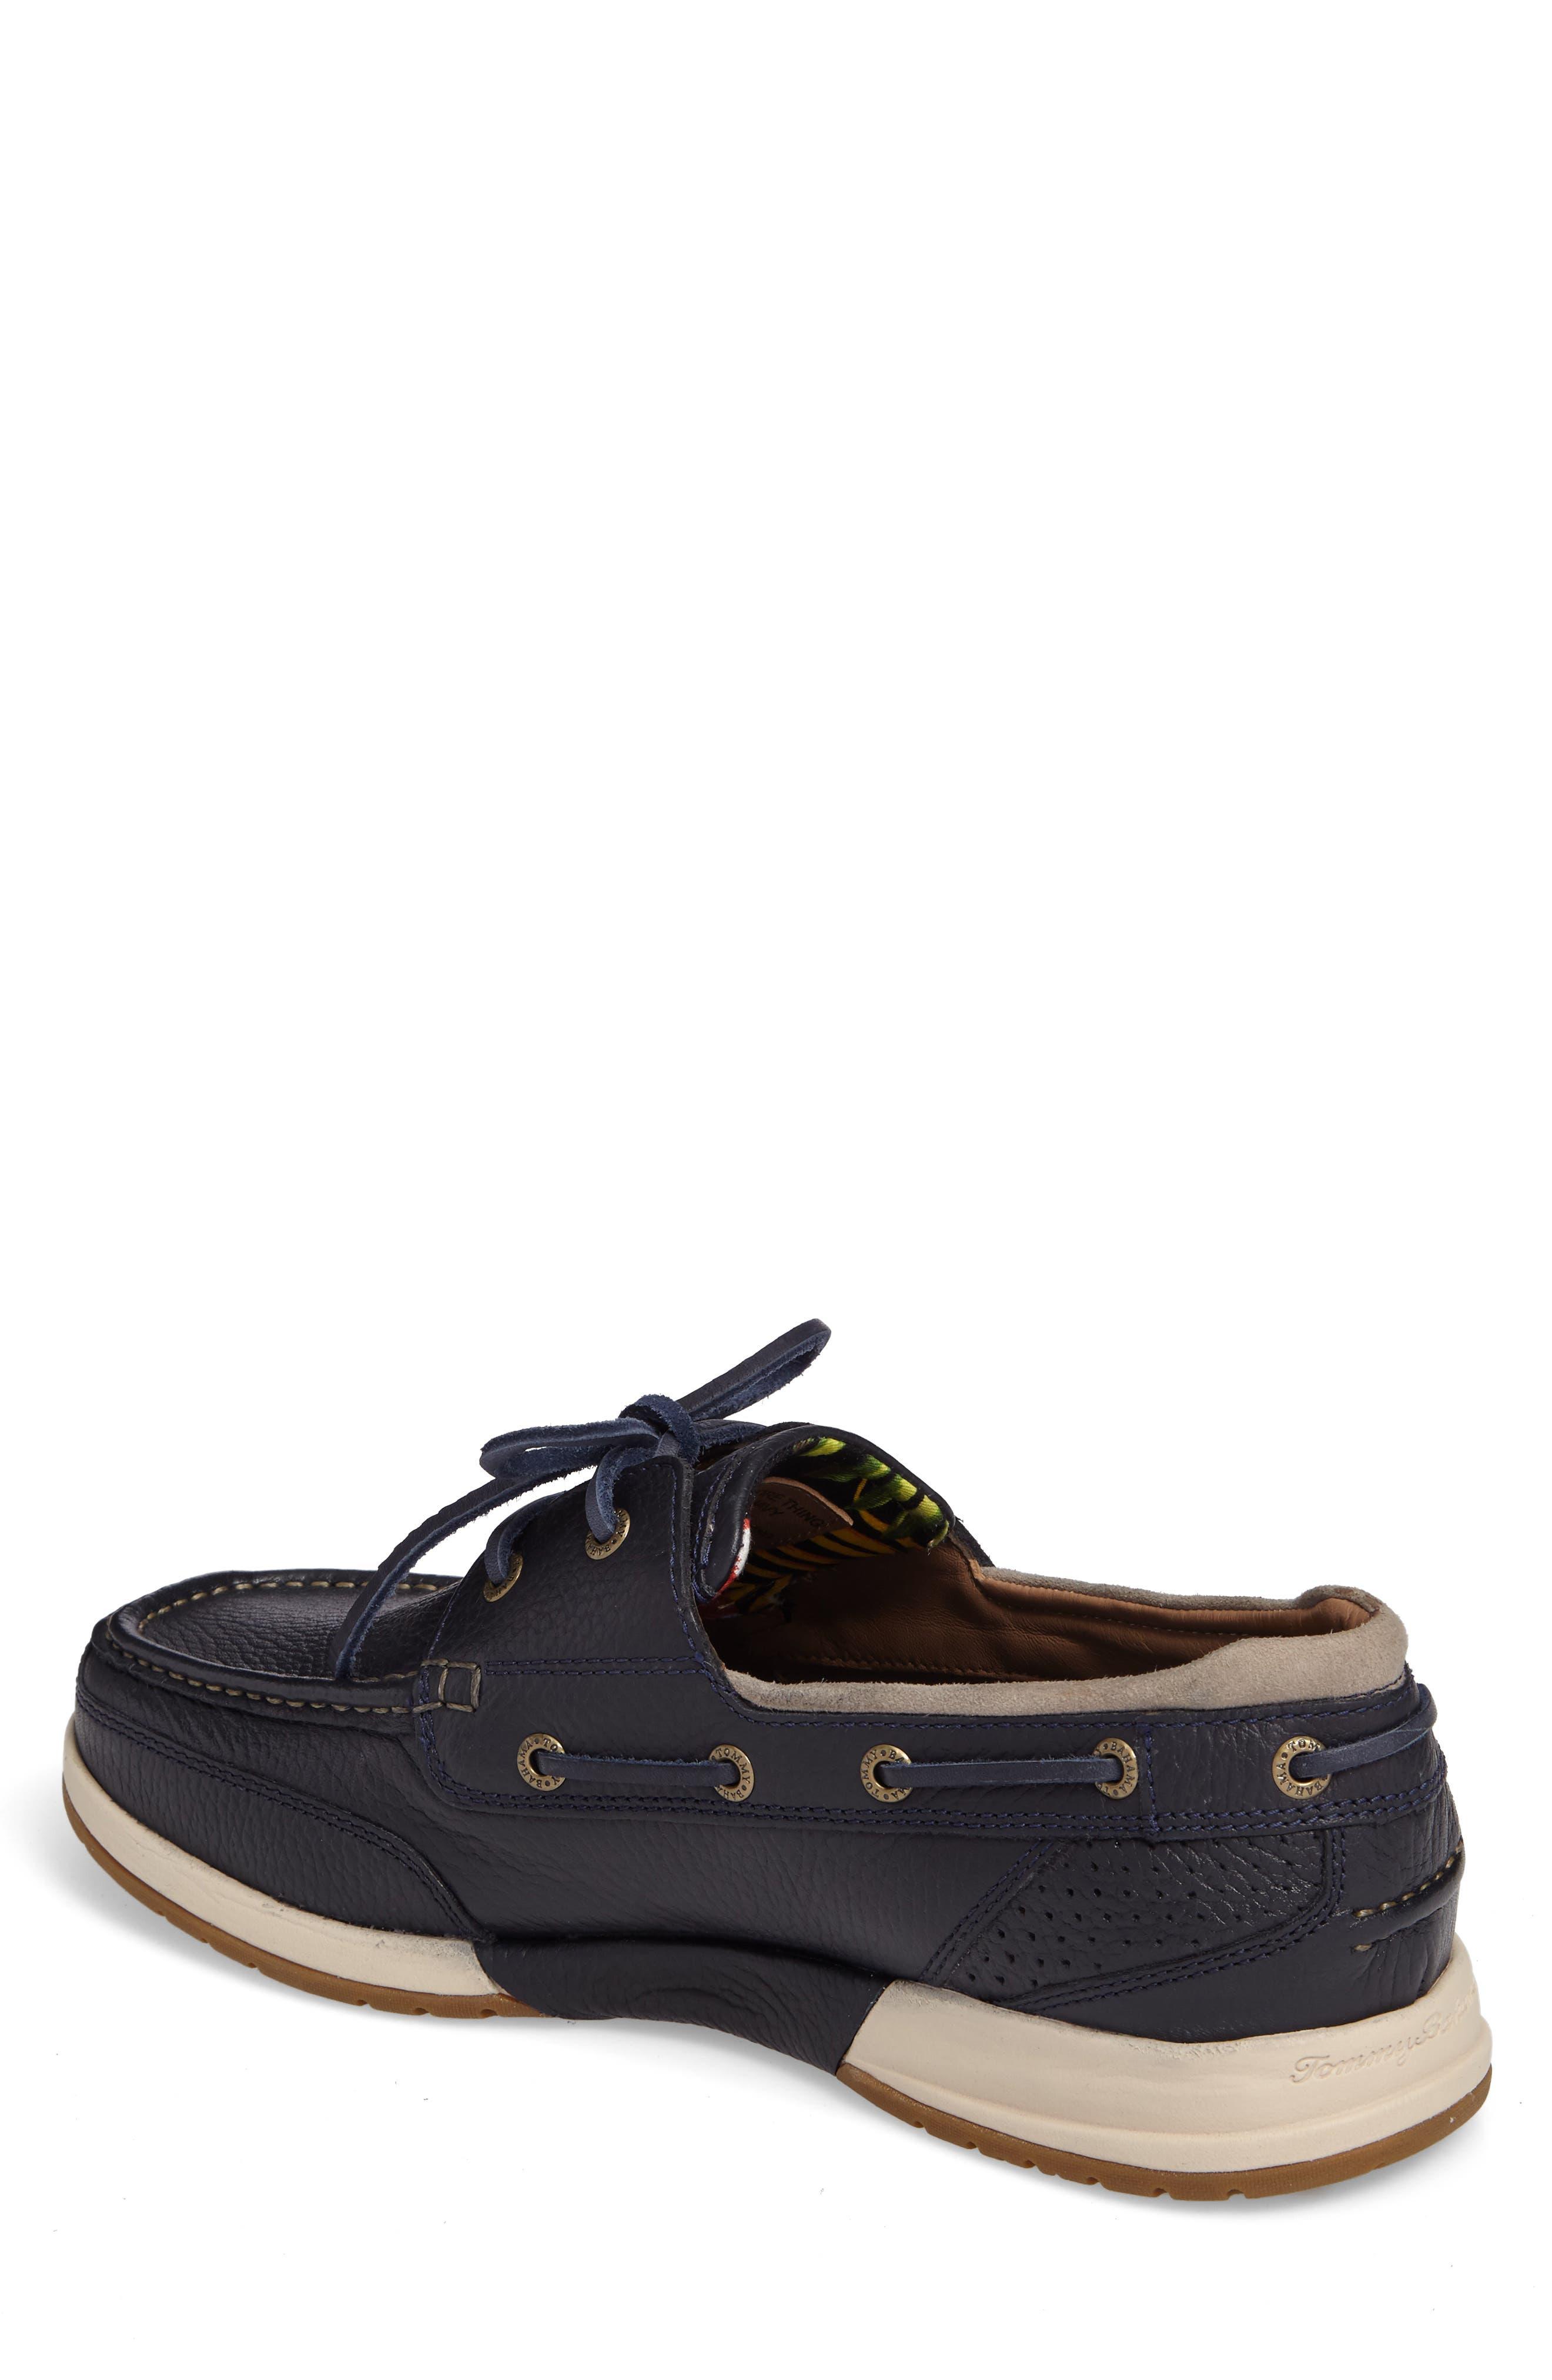 Ashore Thing Boat Shoe,                             Alternate thumbnail 12, color,